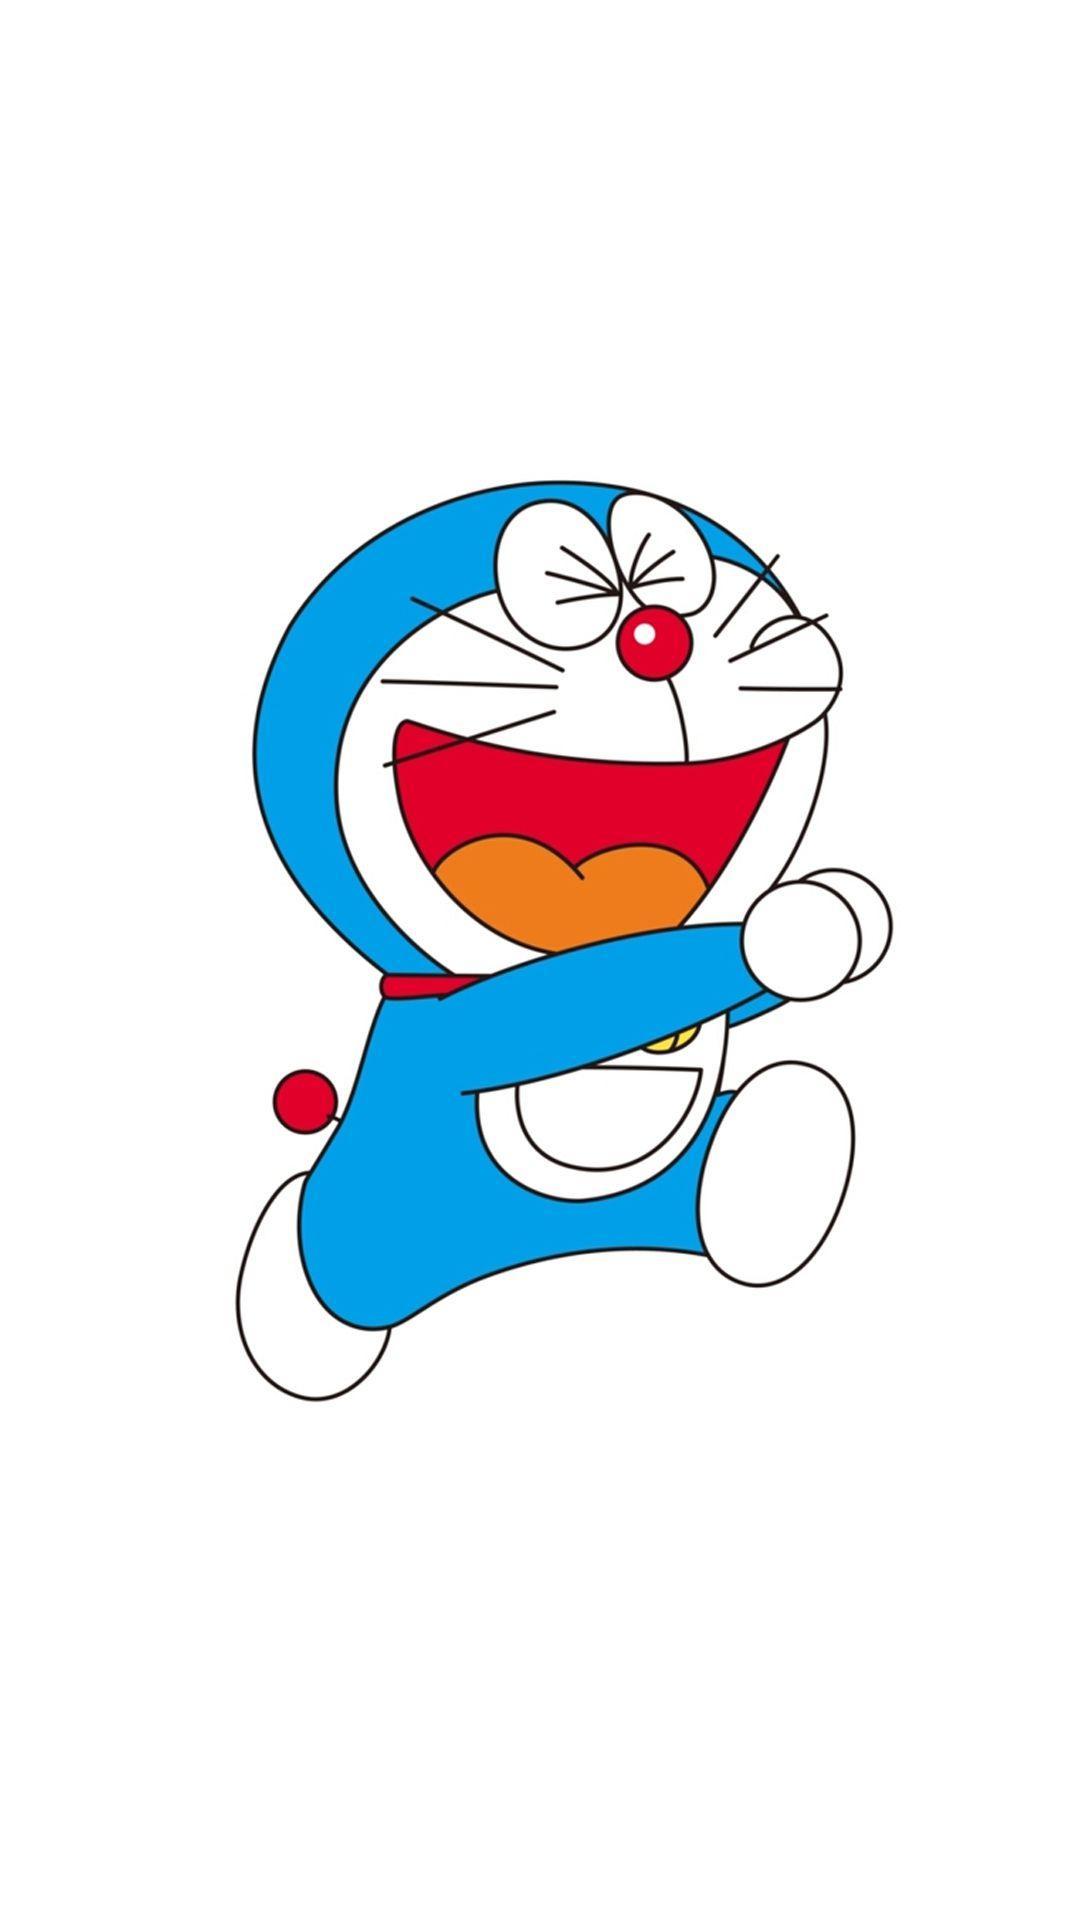 Happy Doraemon  Doraemon cartoon, Doraemon wallpapers, Doraemon